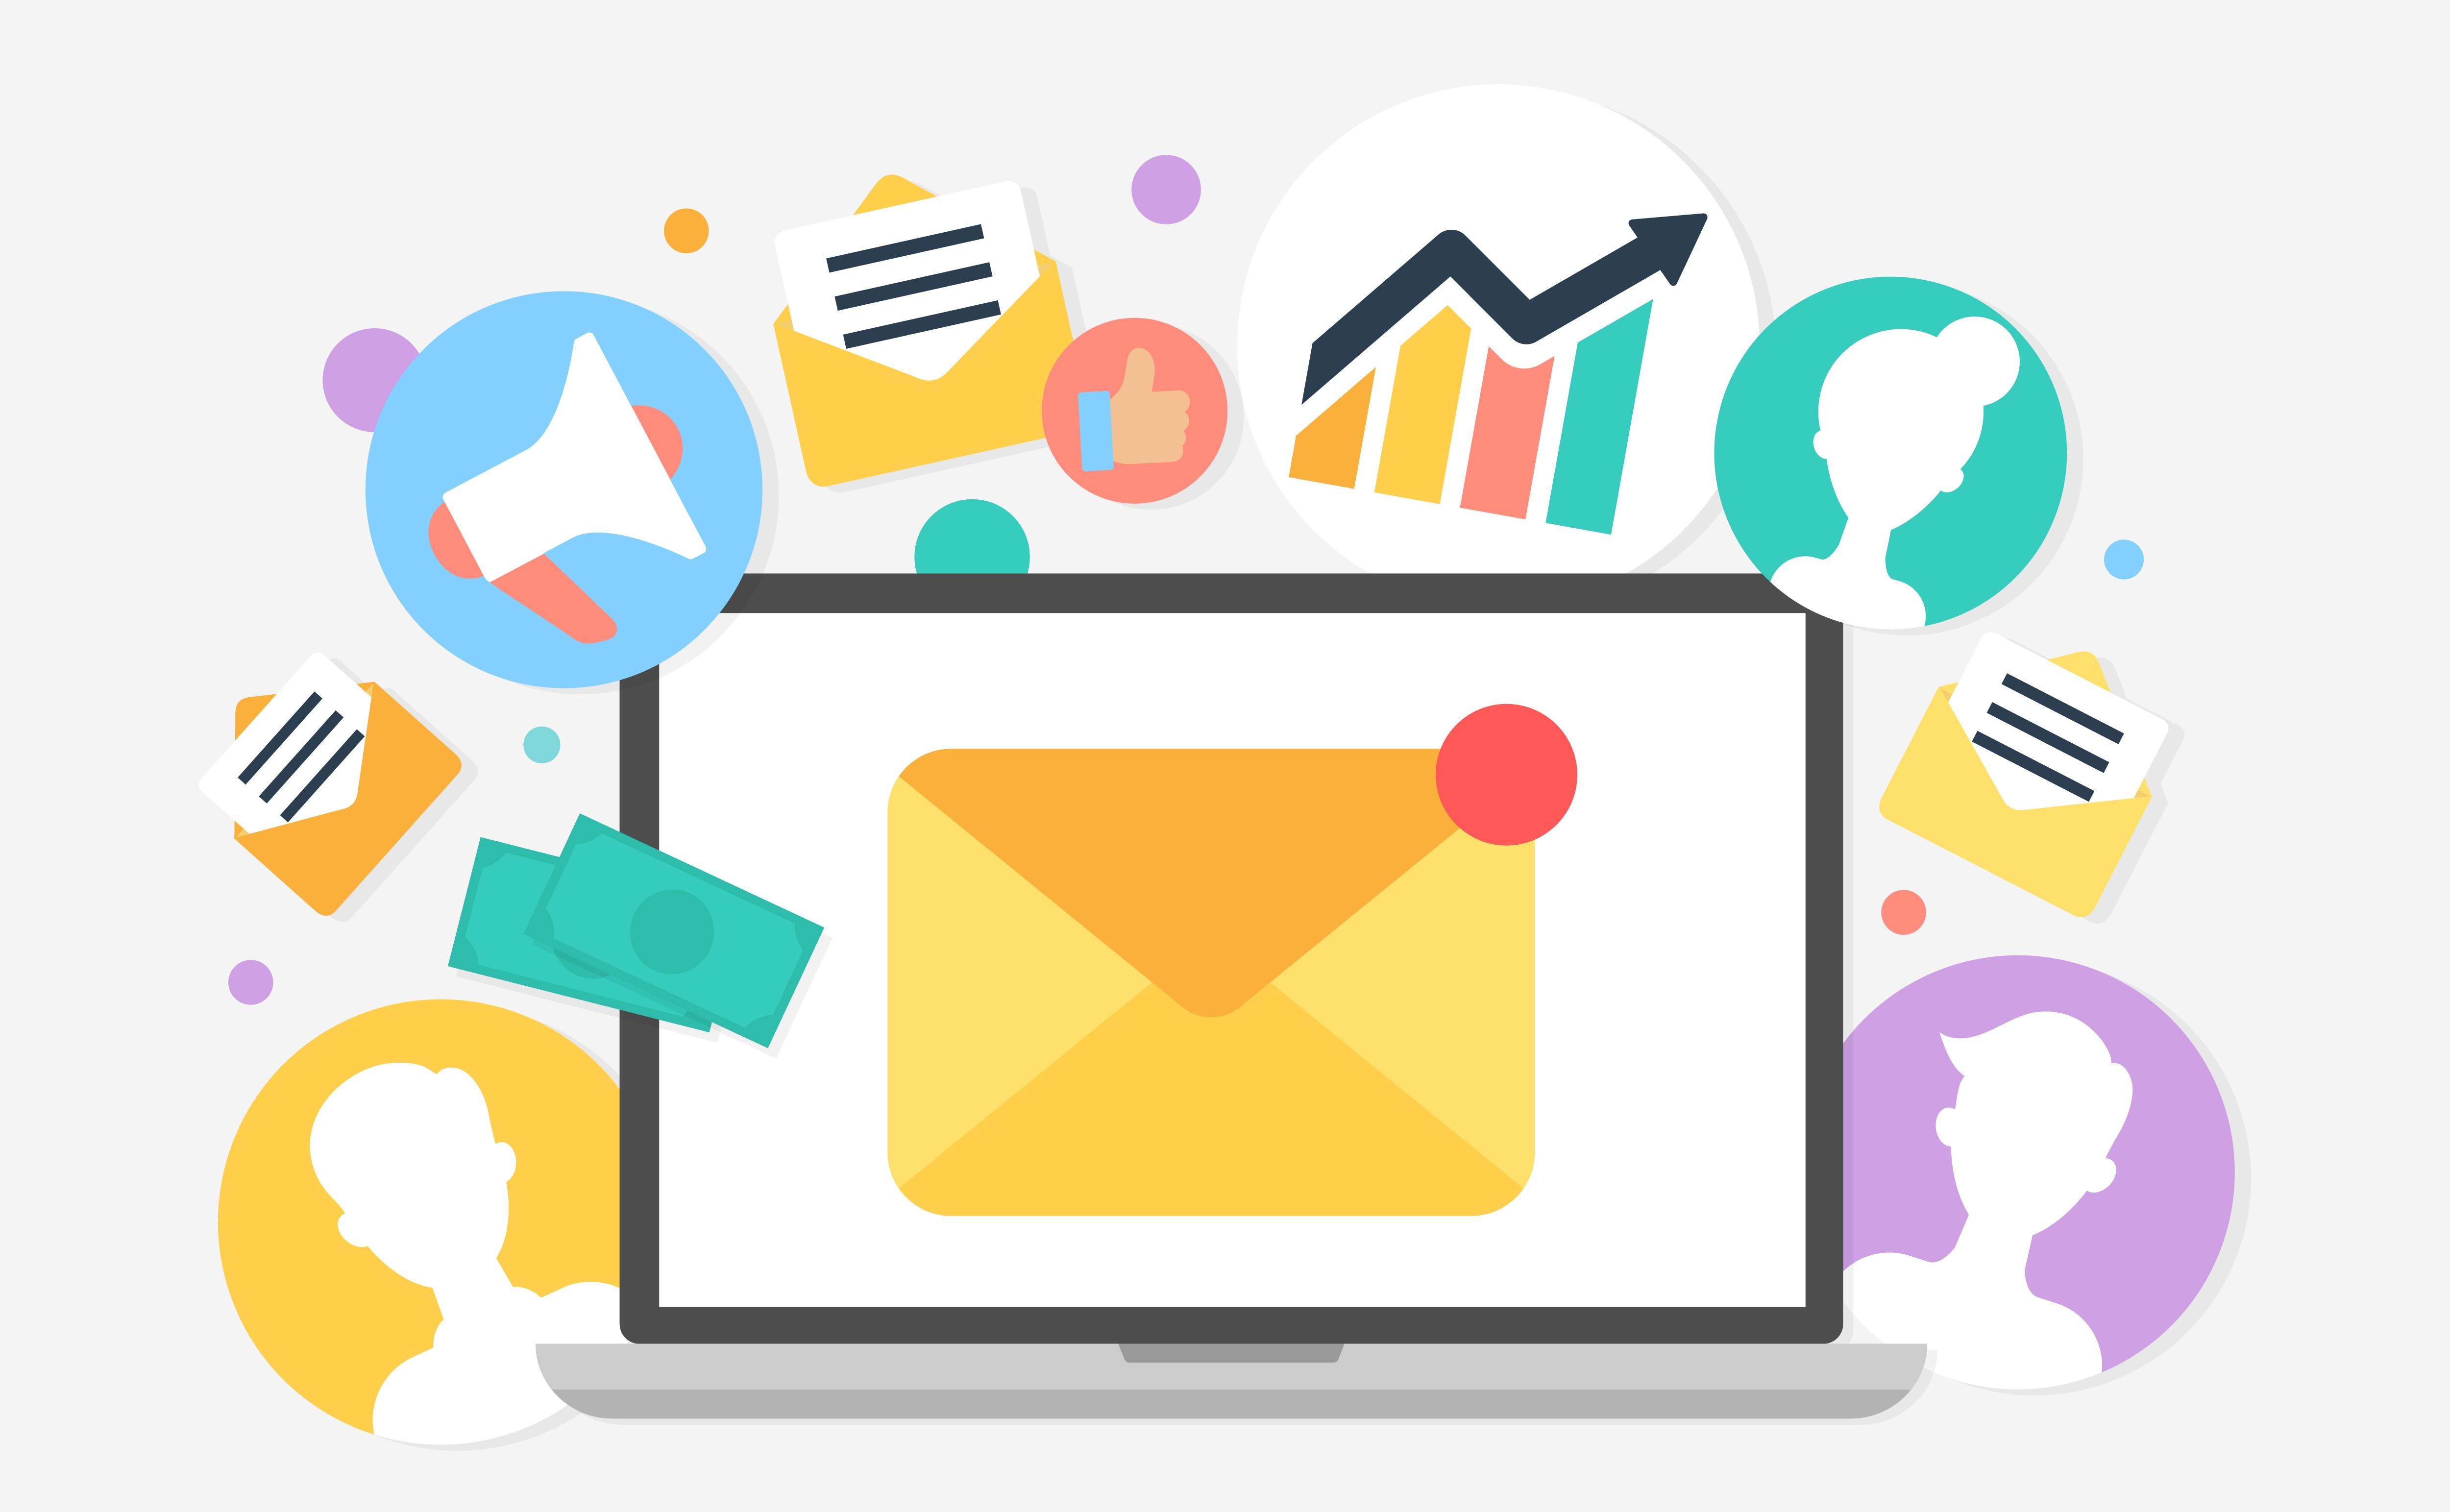 la estrategia de email marketing, en que consiste, objetivos, ventajas y ejemplos reales de como hacer un buen email marketing